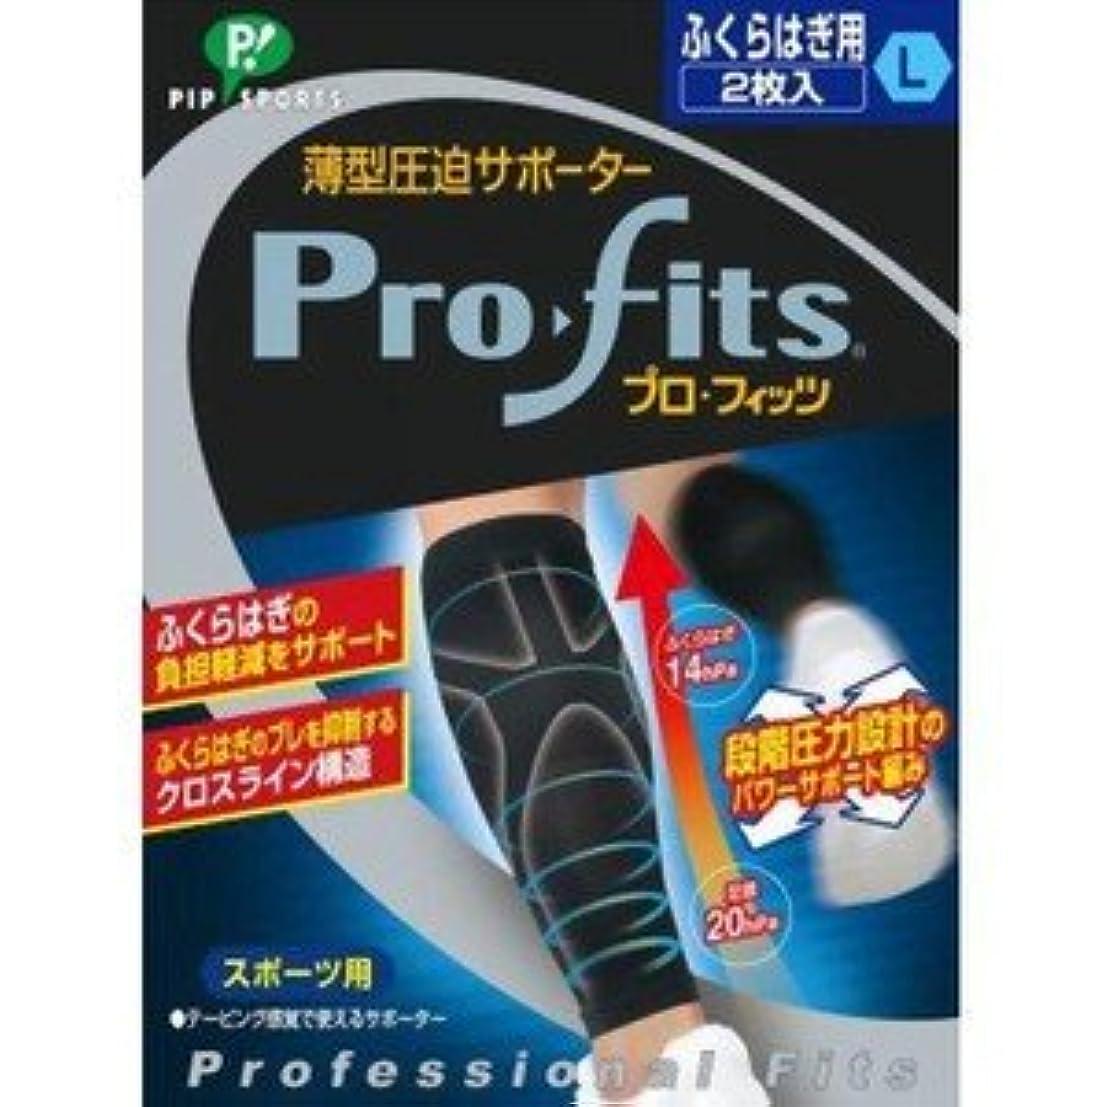 水を飲む広いを除く【ピップ】プロフィッツ 薄型圧迫サポーター ふくらはぎ用 Lサイズ2枚入